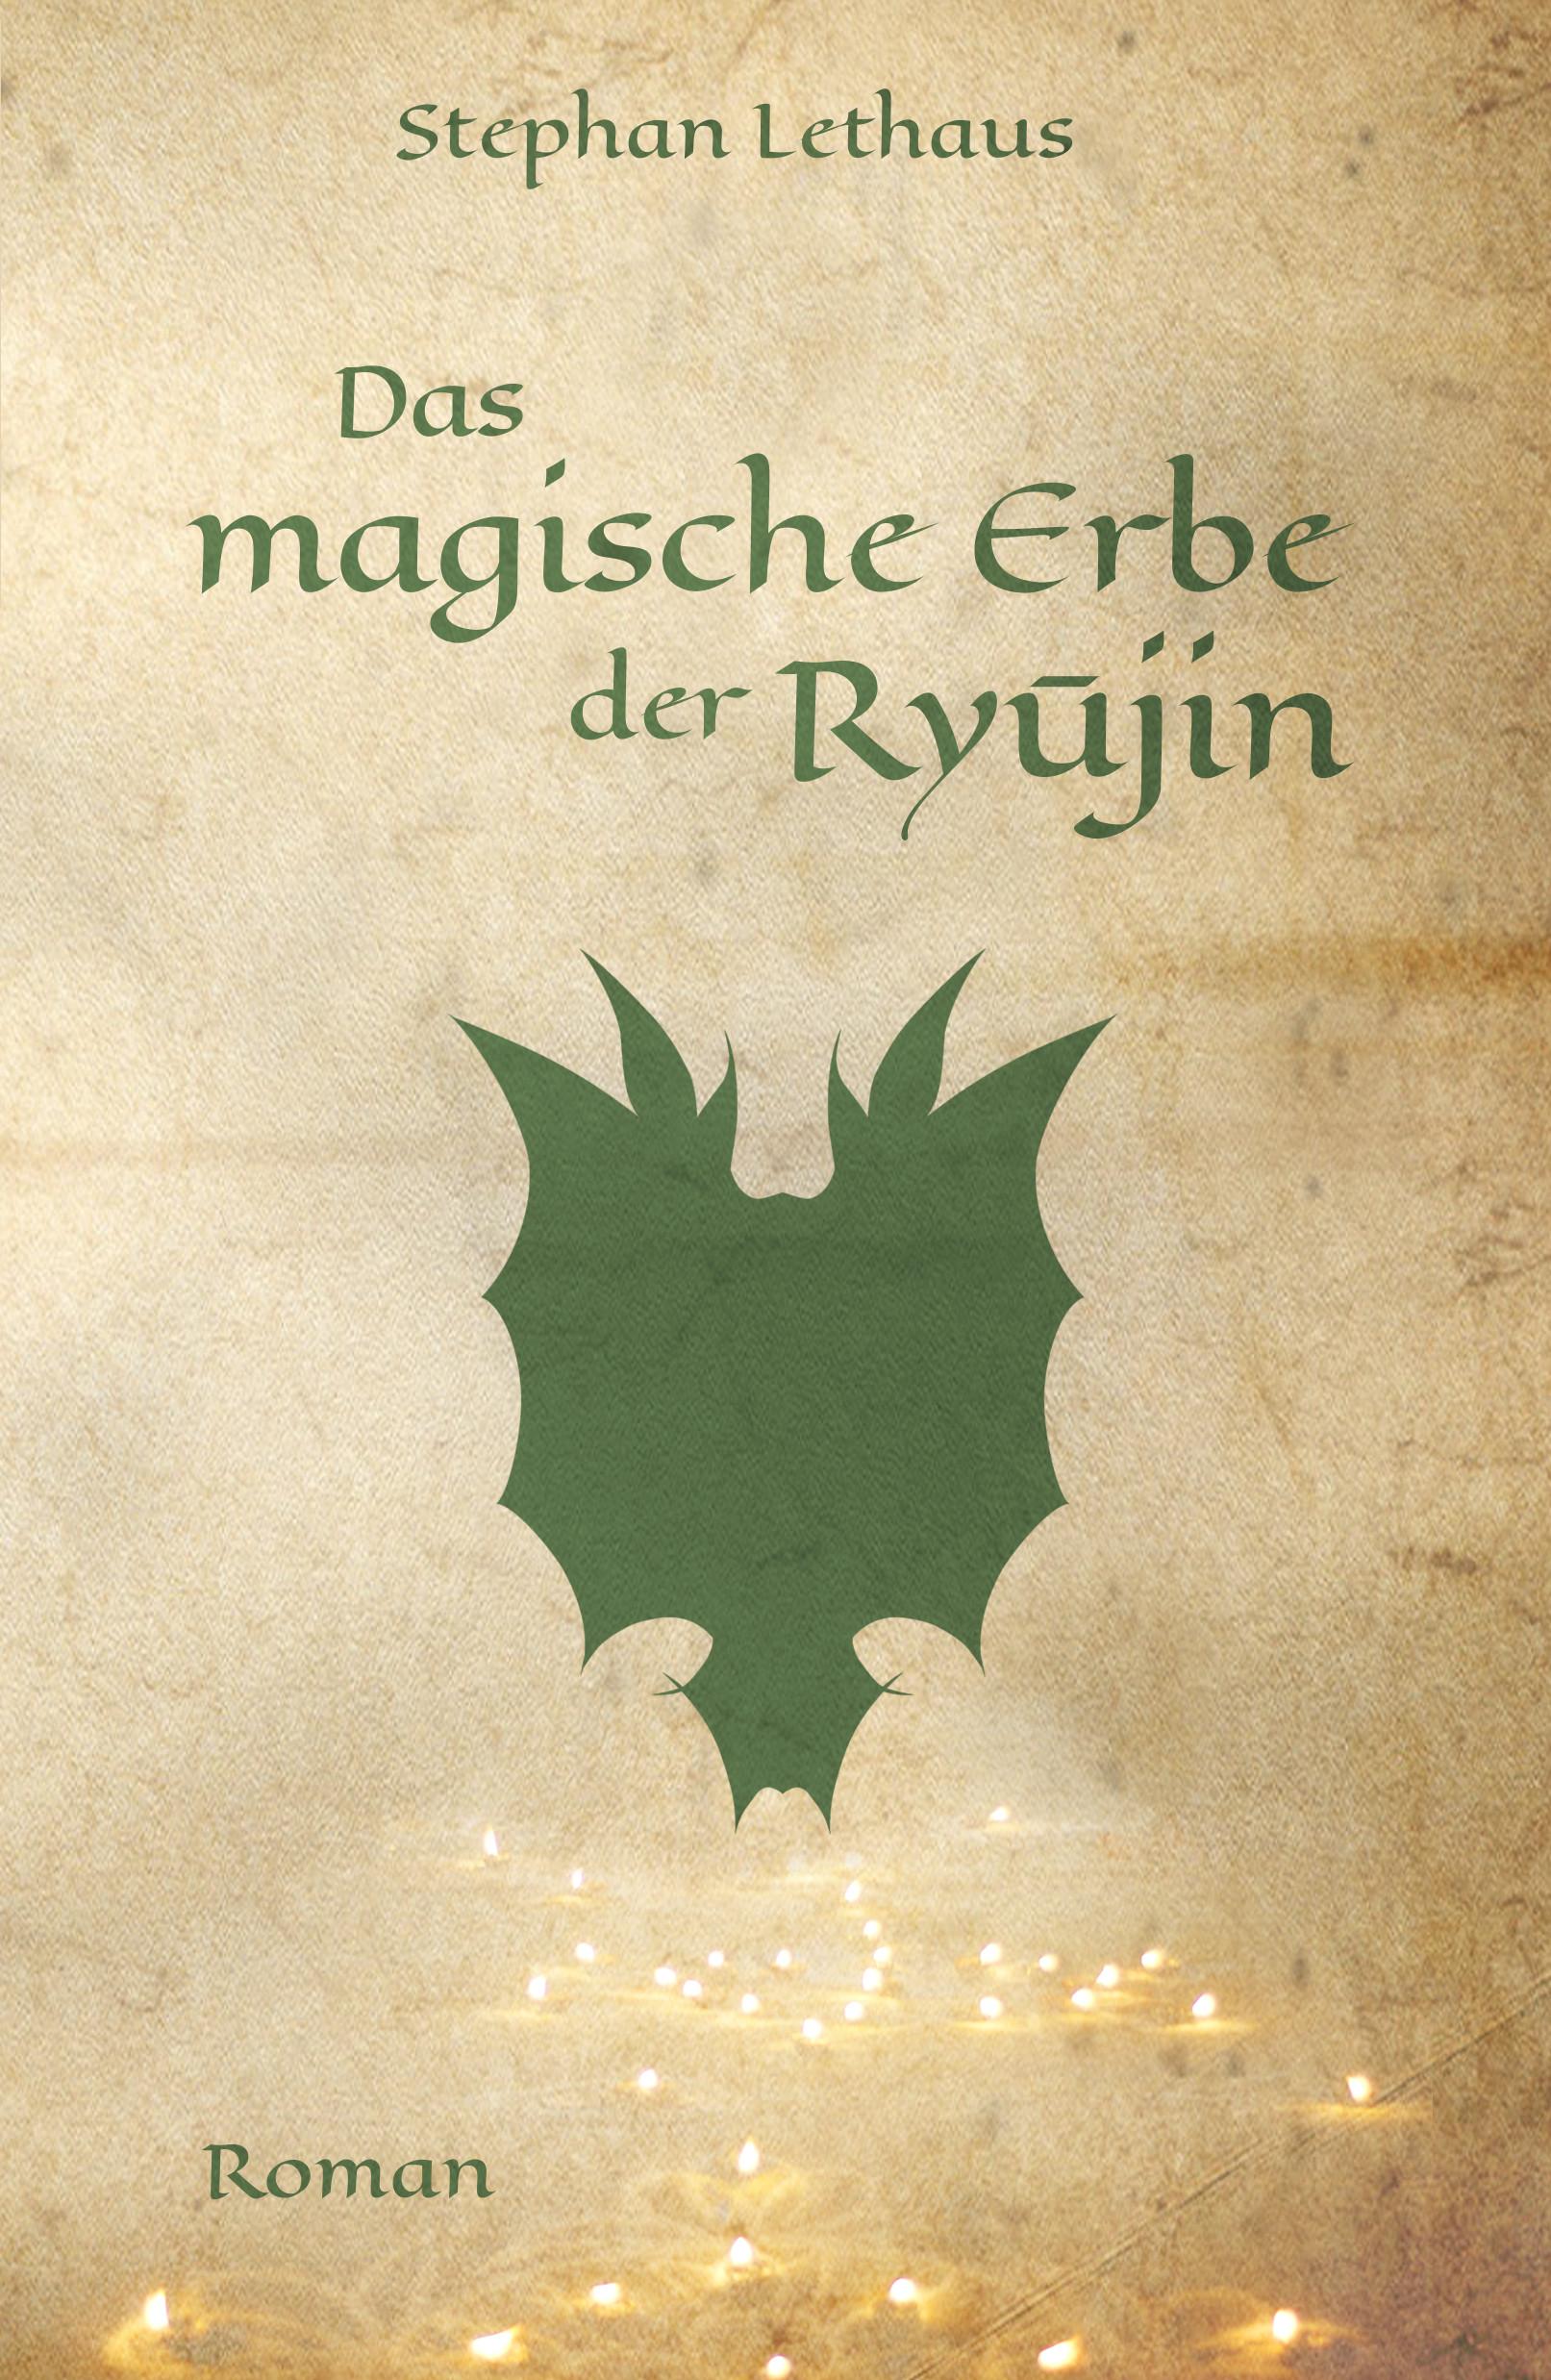 Cover_E_Book_papyrus